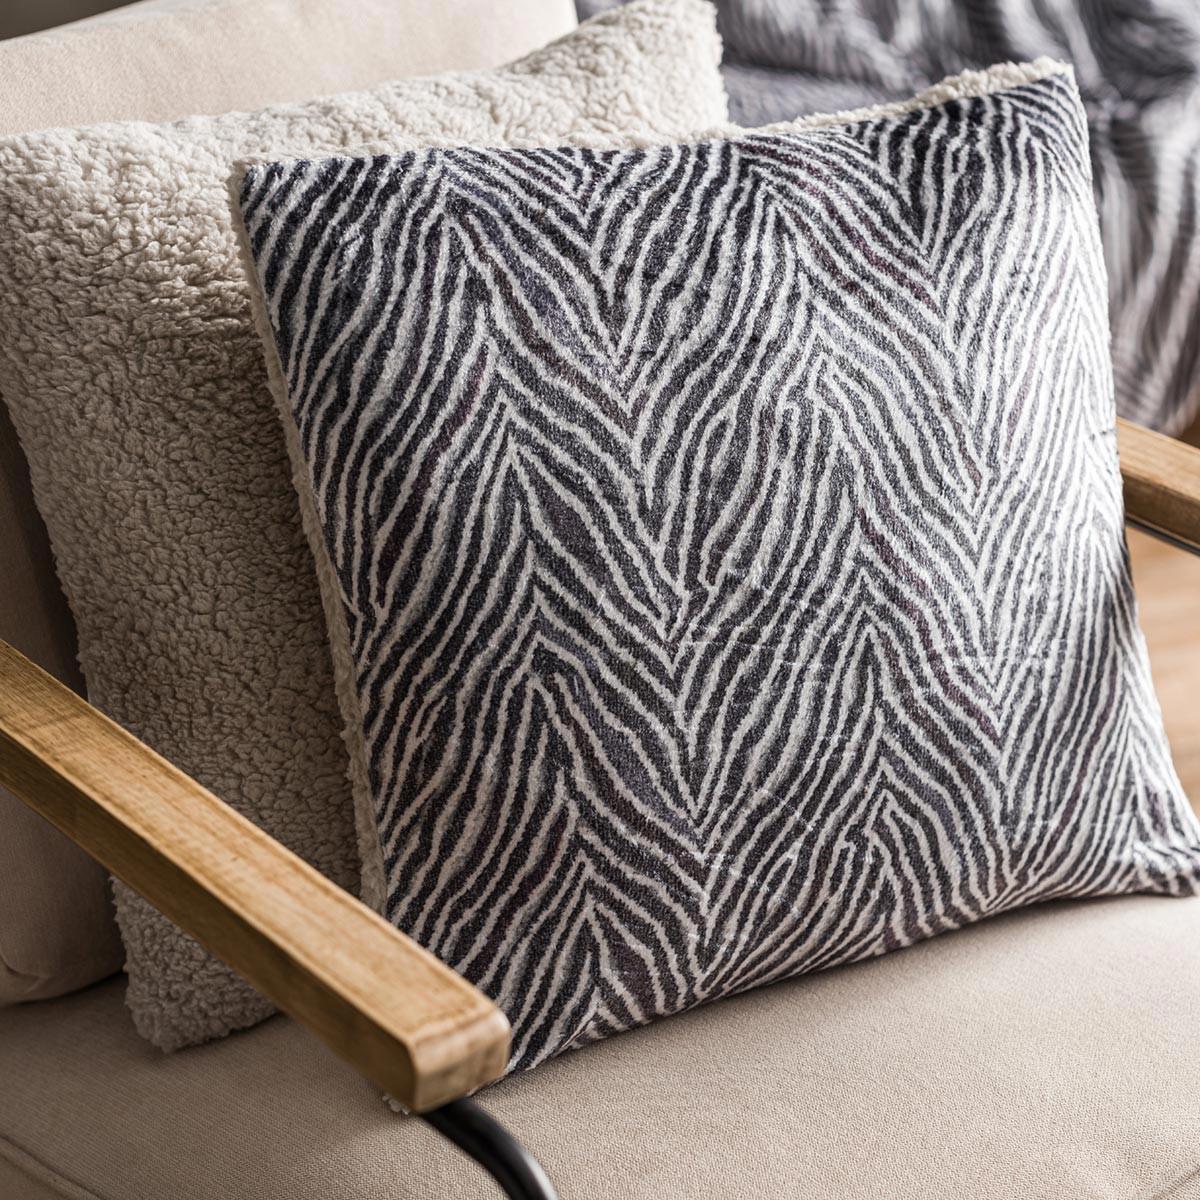 Διακοσμητική Μαξιλαροθήκη (43×43) Gofis Home Zebre Grey 836/15